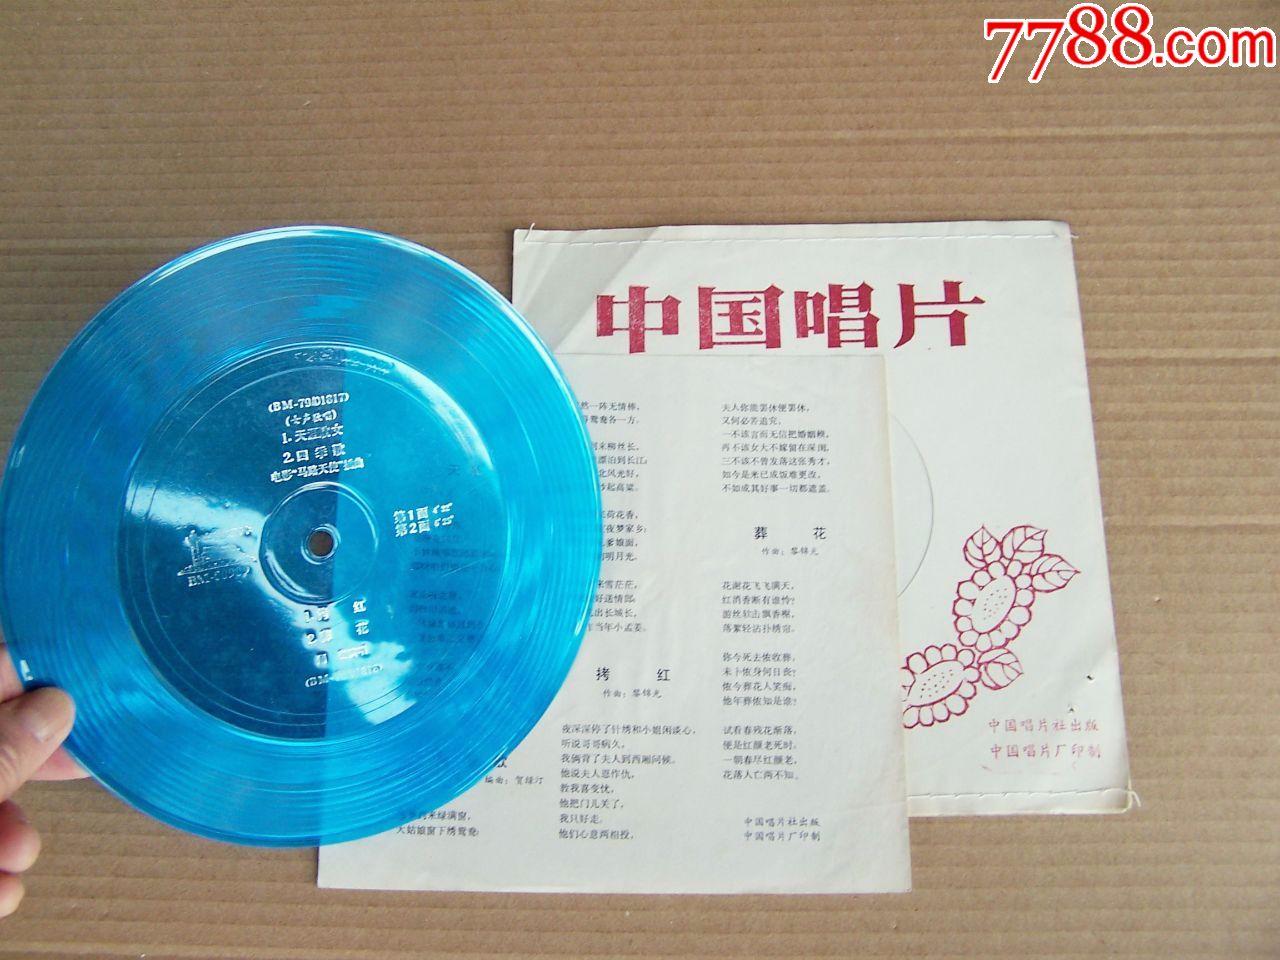 演唱周旋《星座天涯》等(79年,BM-00909)12歌女水瓶座二次元人物图片女生图片